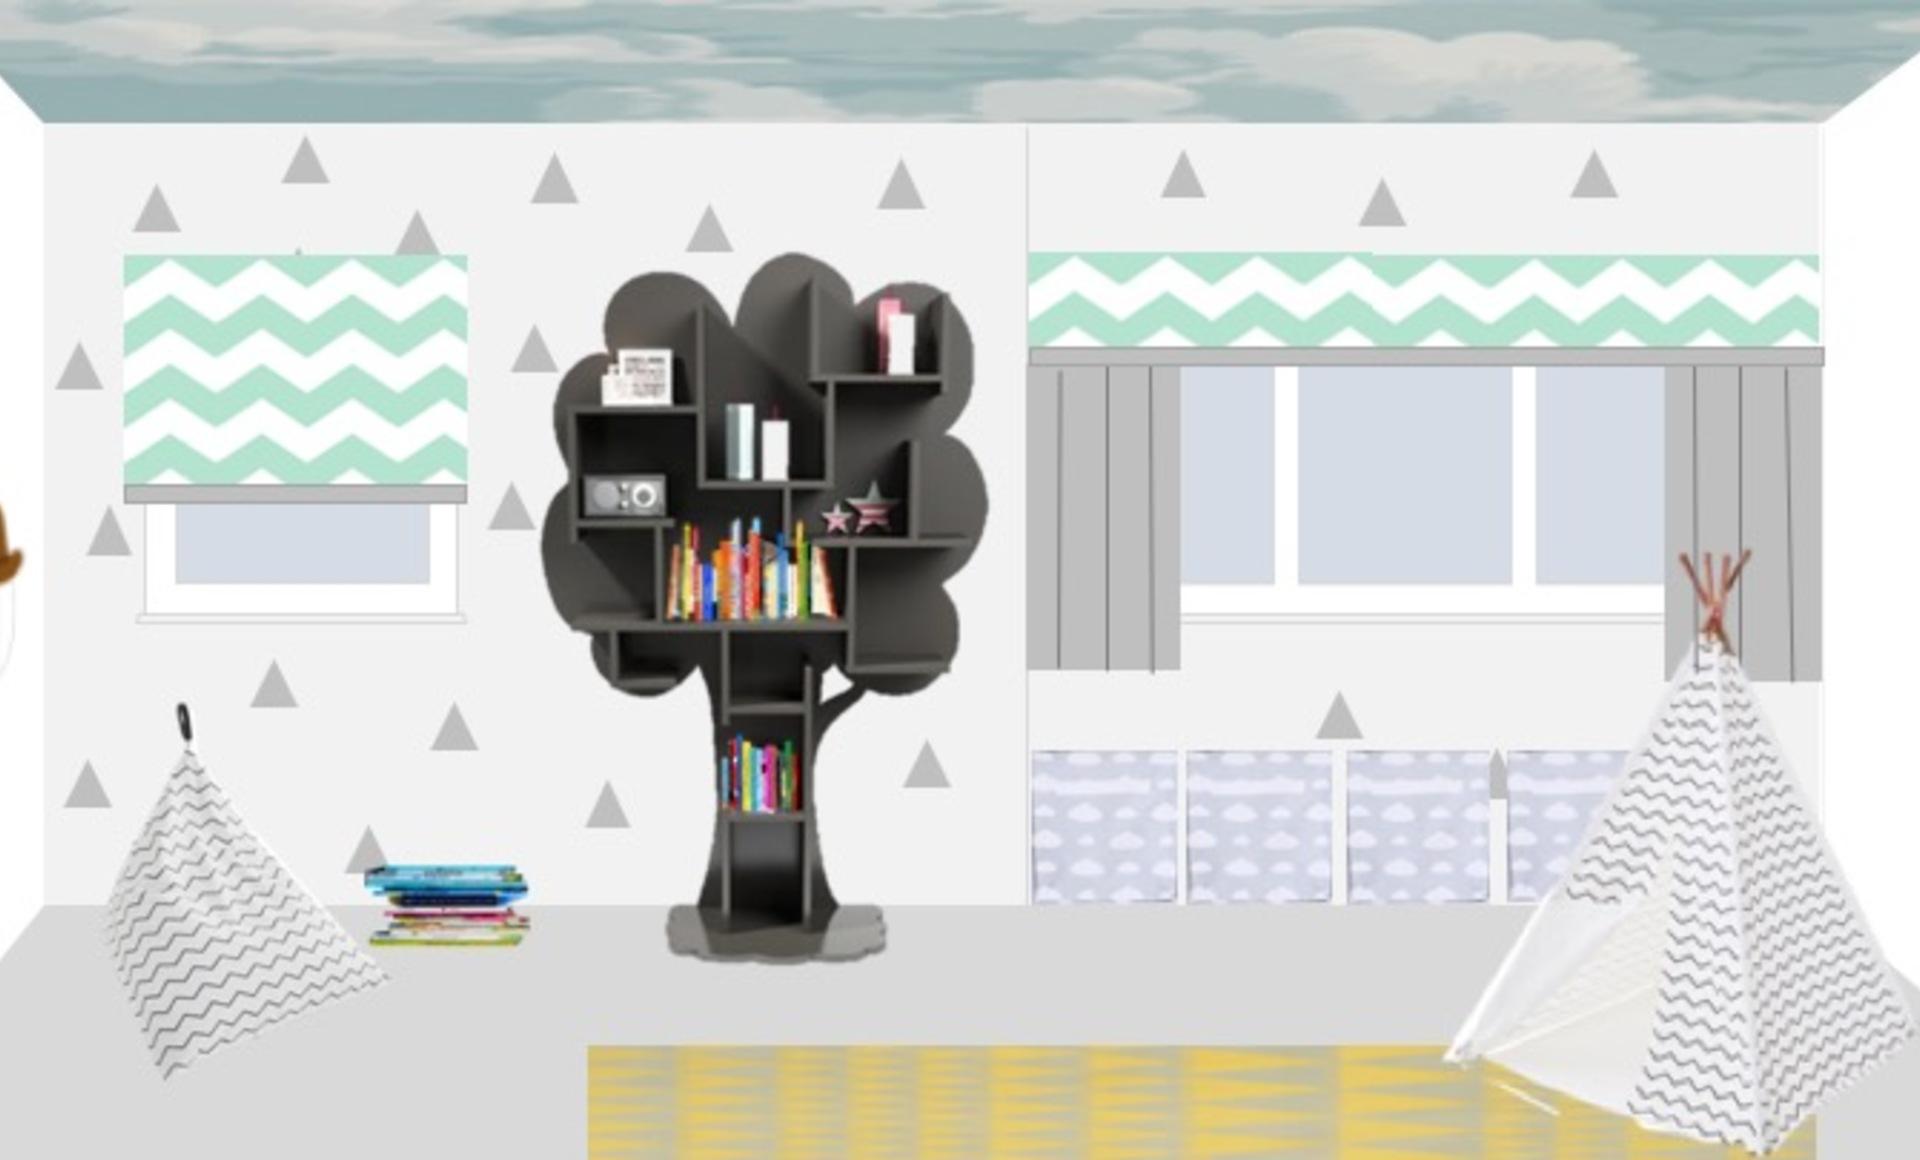 Mbr carolhanda toddlerbedroom 2delevation02